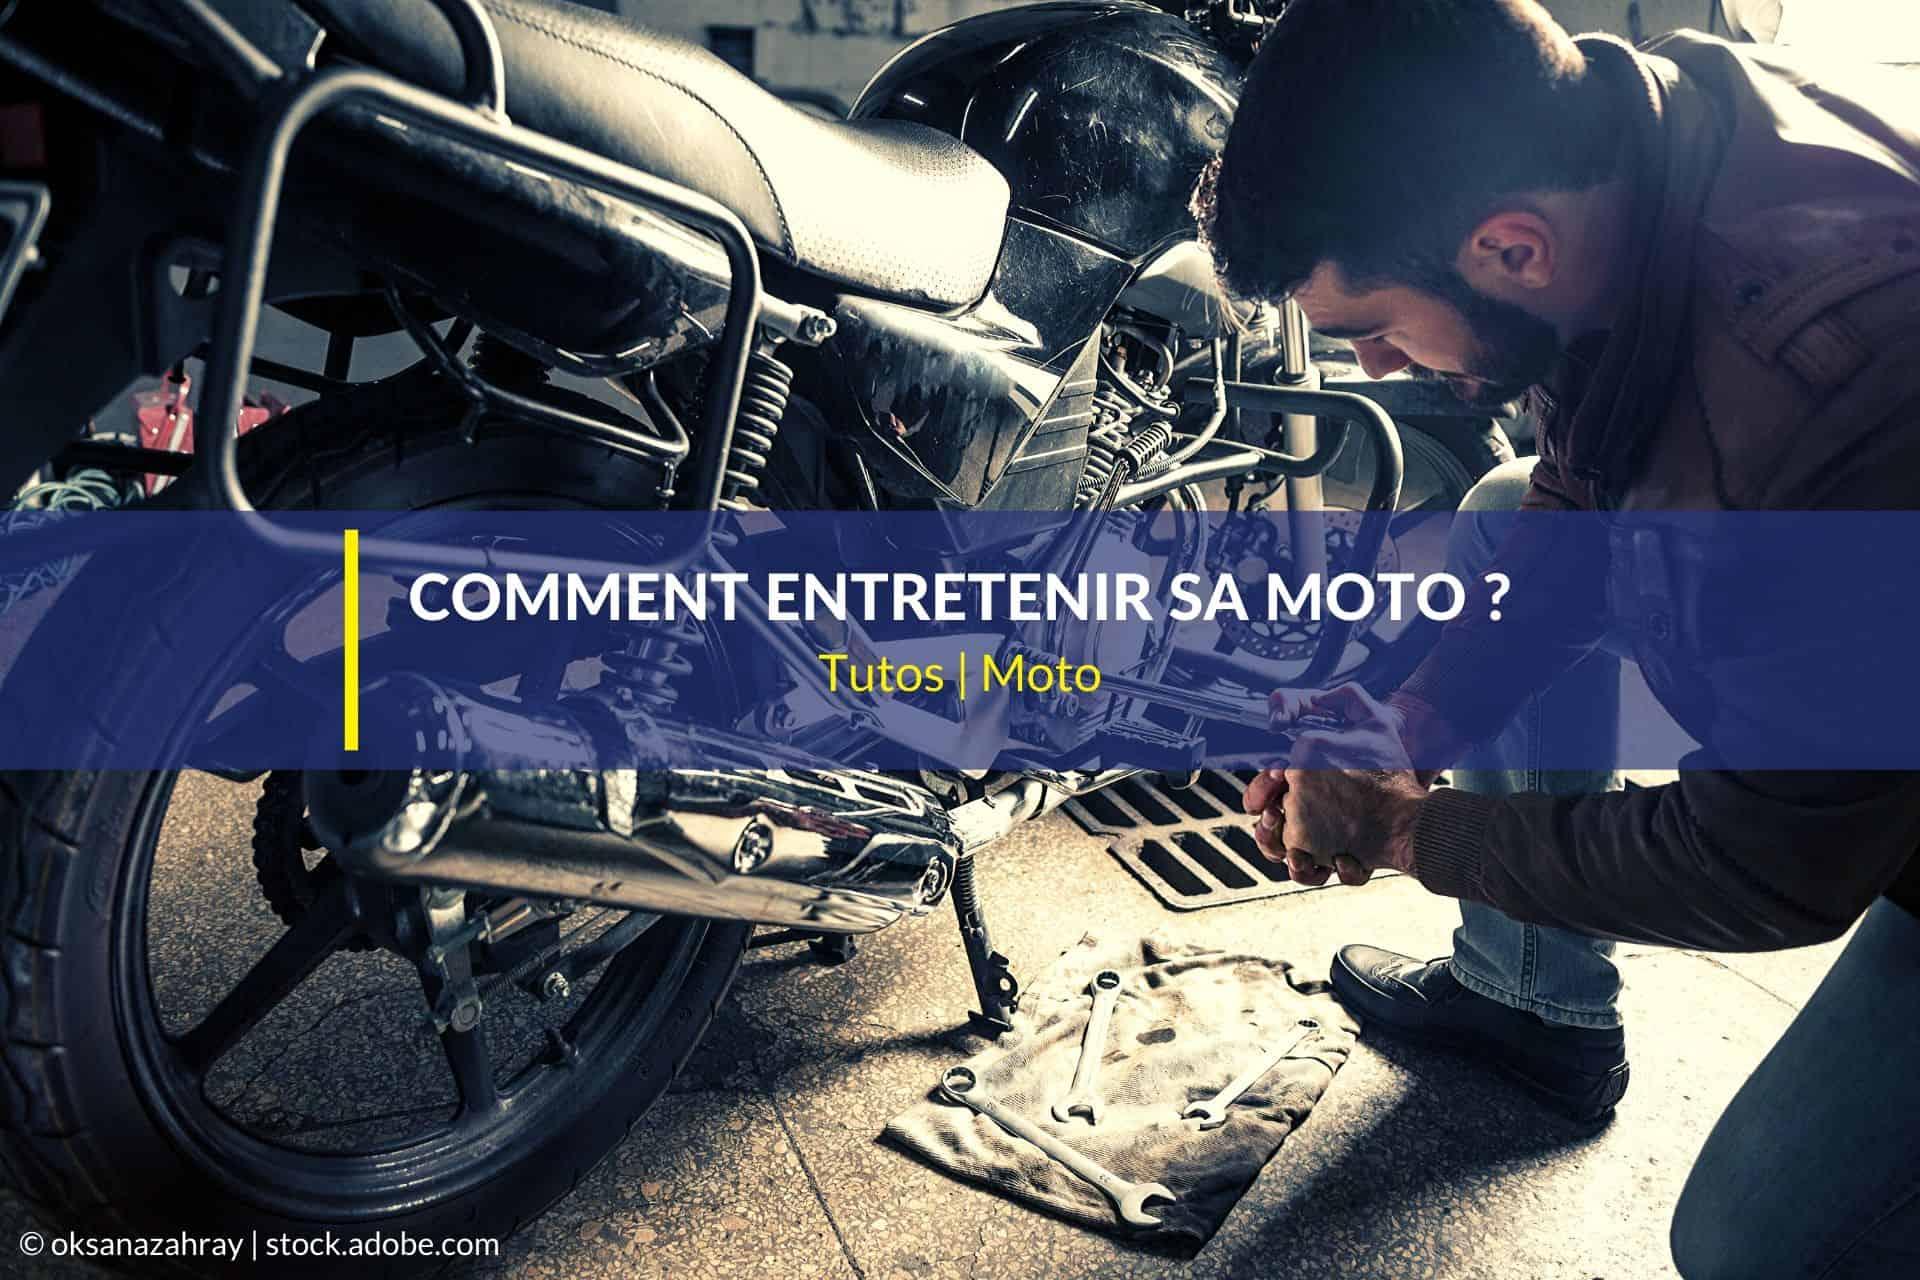 entretenir moto